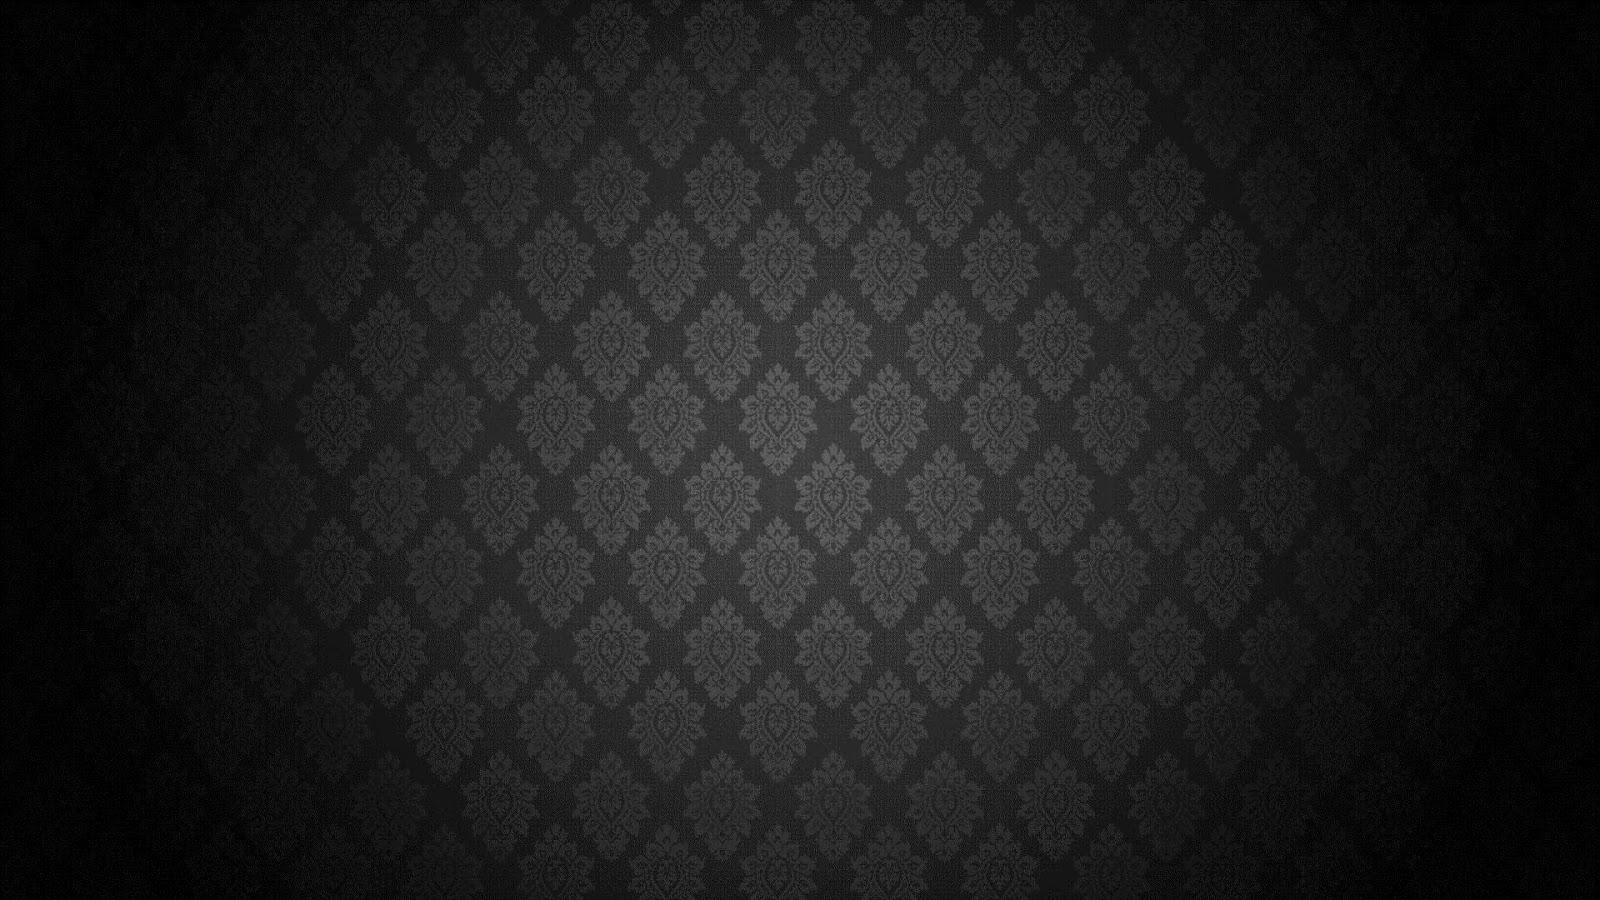 صورة صور لون اسود , غير الخلفية واجعلها مثل ظلام الليل وبة شعاع من النور 71 2